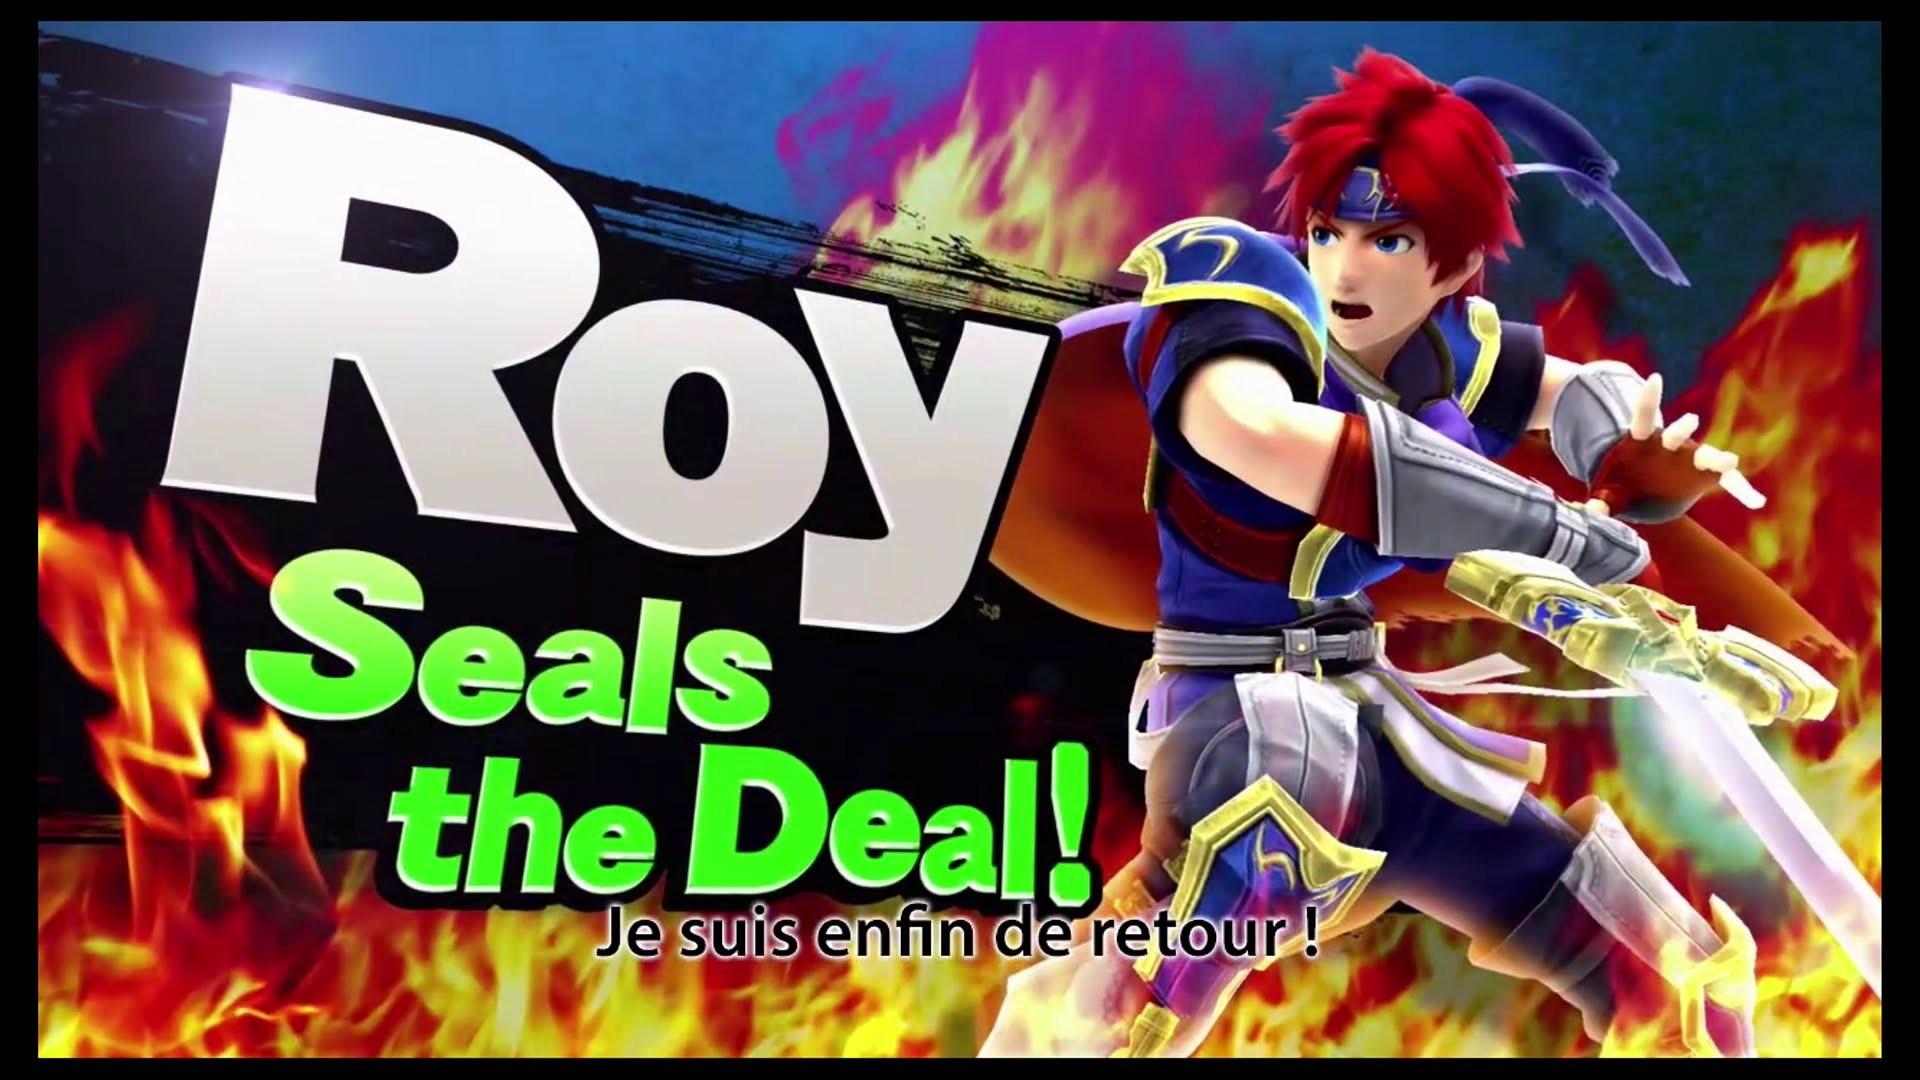 SSB4 – Roy Seals the Deal ! [1080P]